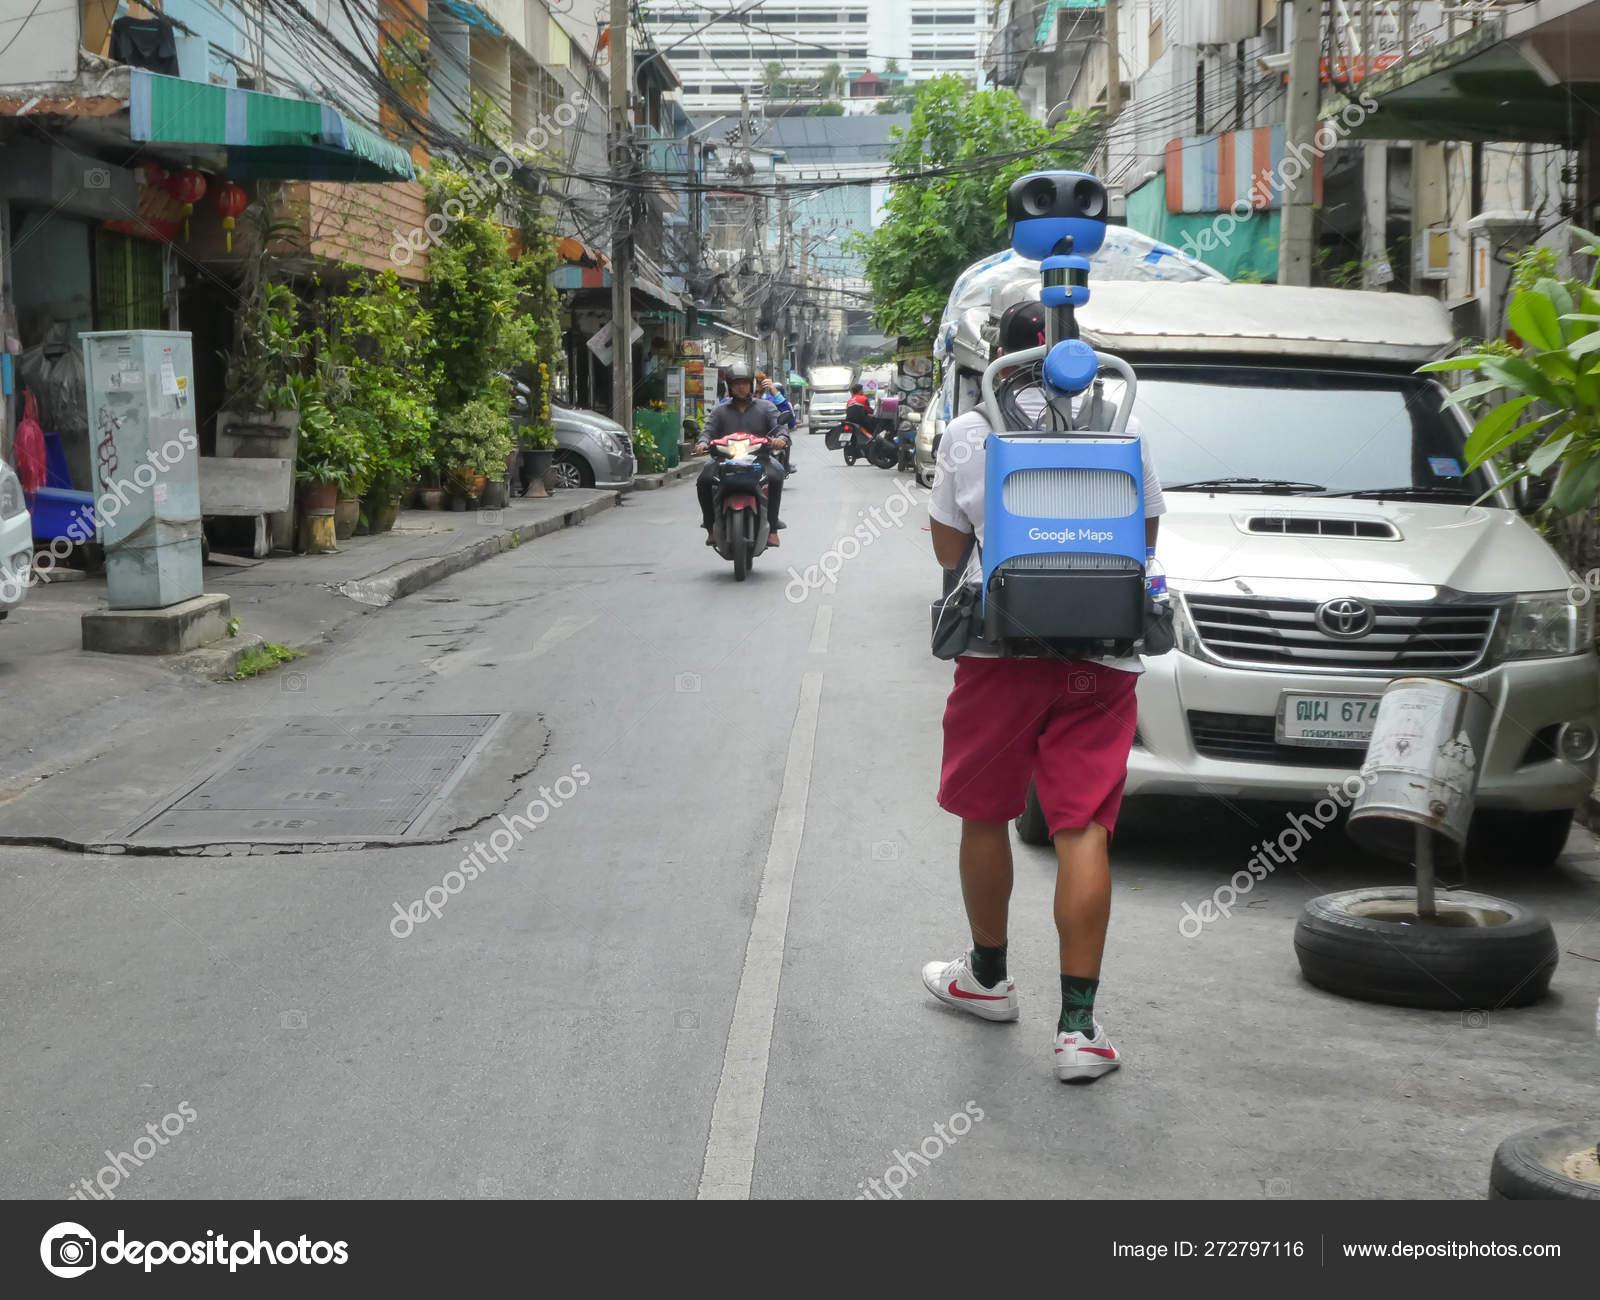 Bangkok Thailand May 2019 Officials Survey Google Company Used